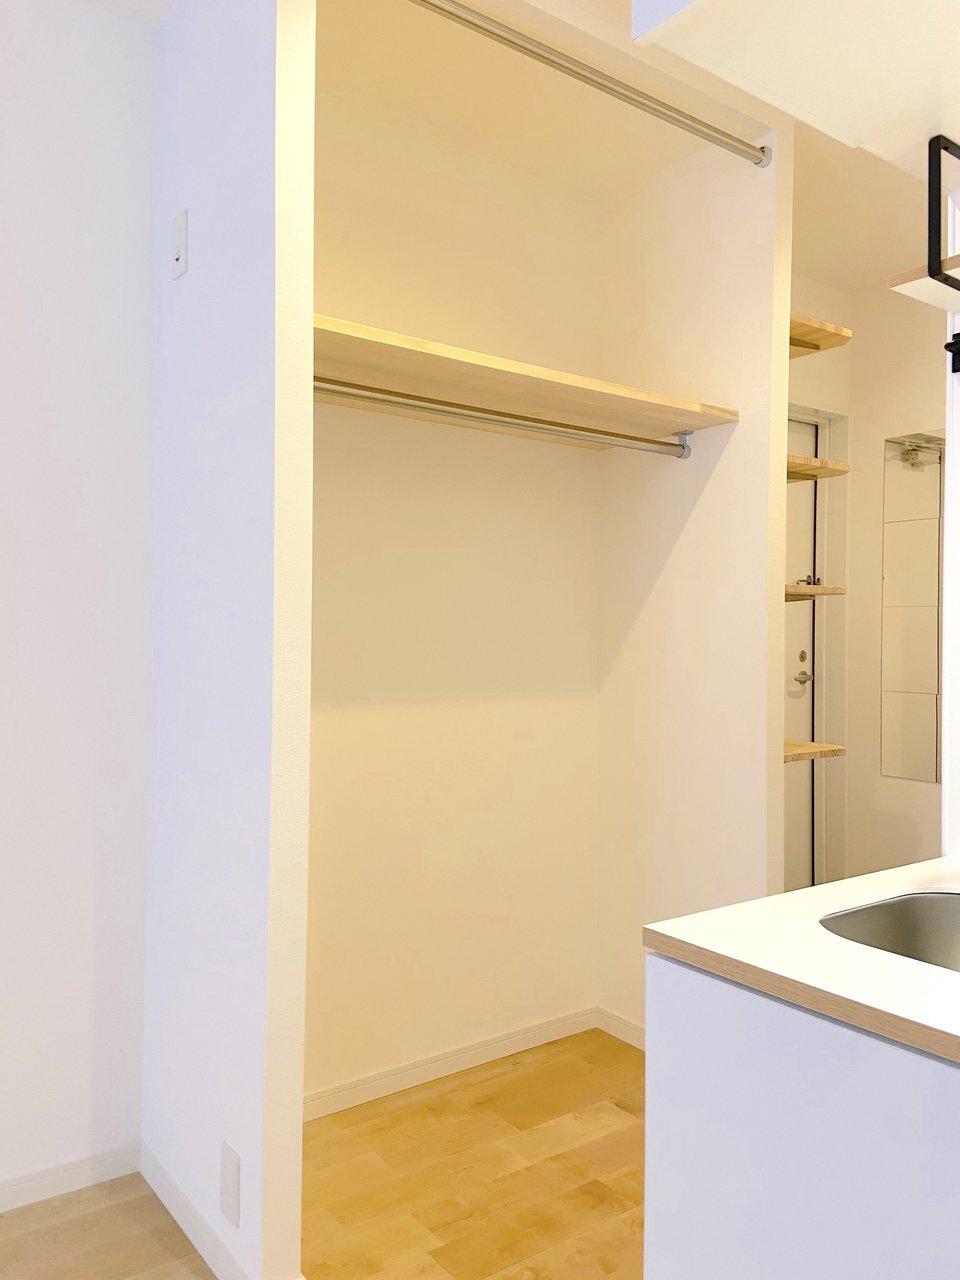 キッチンのお向かいにはオープンクローゼット。扉をあえてなくすことでお部屋をより広く感じられるようになっています。目隠ししたい、という方はご自身でカーテンを付けることも可能です。